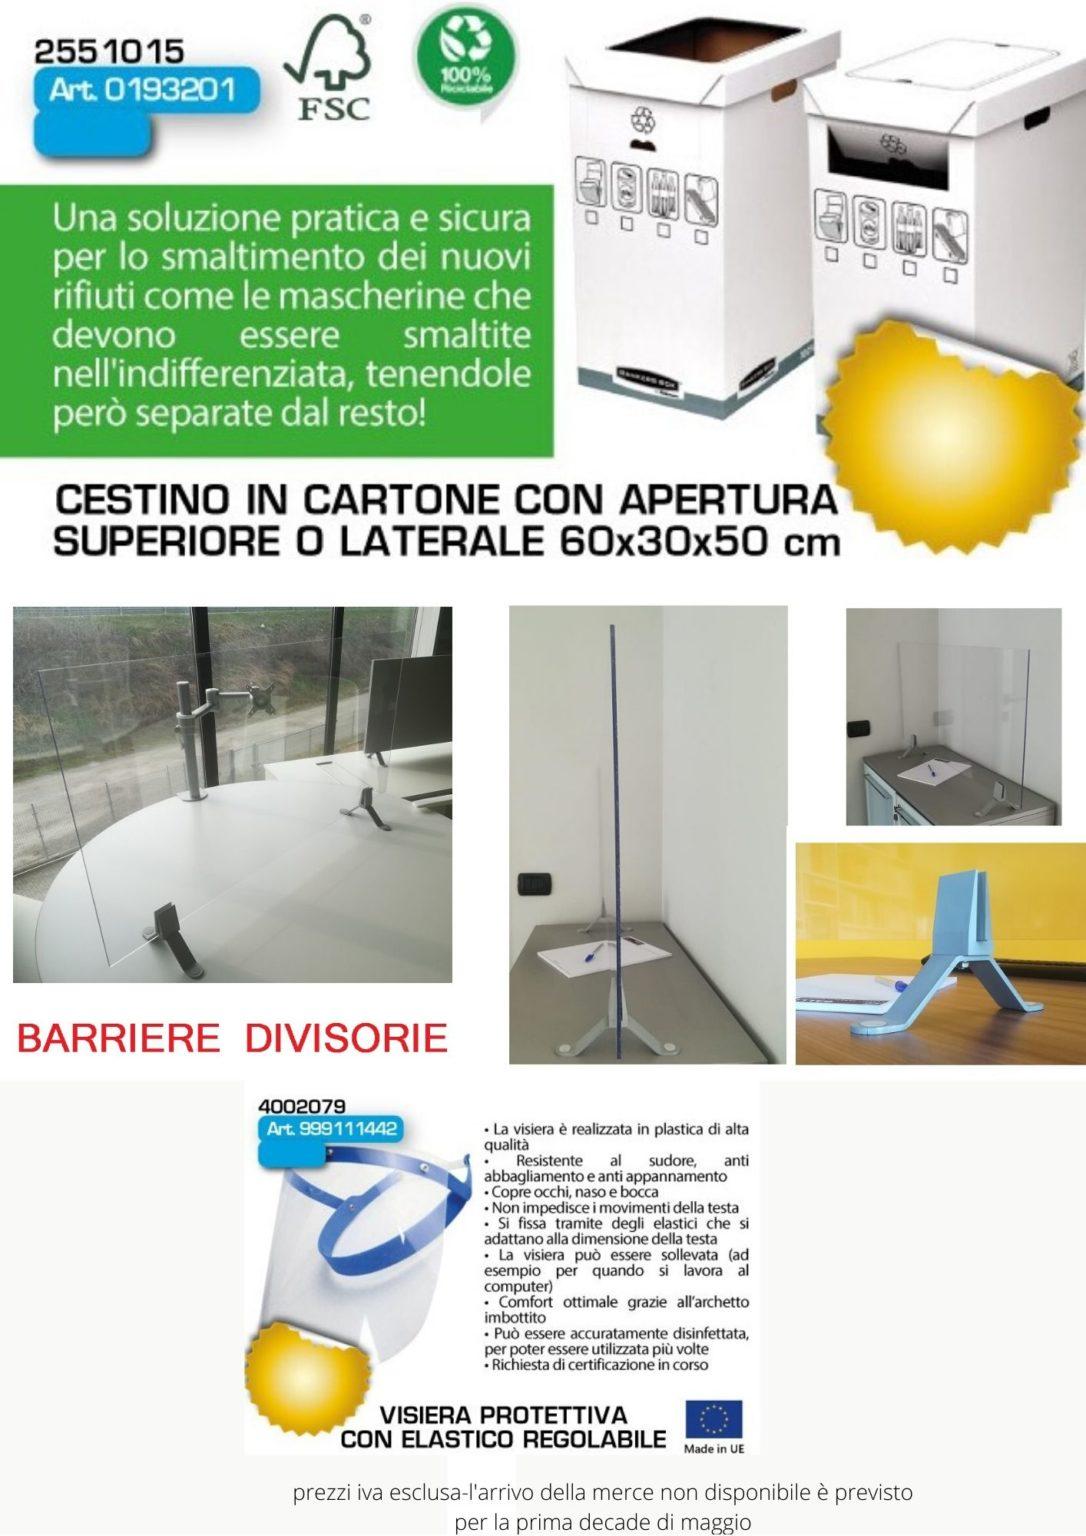 SPAZIO UFFICIO SRL - Cremona a domicilio